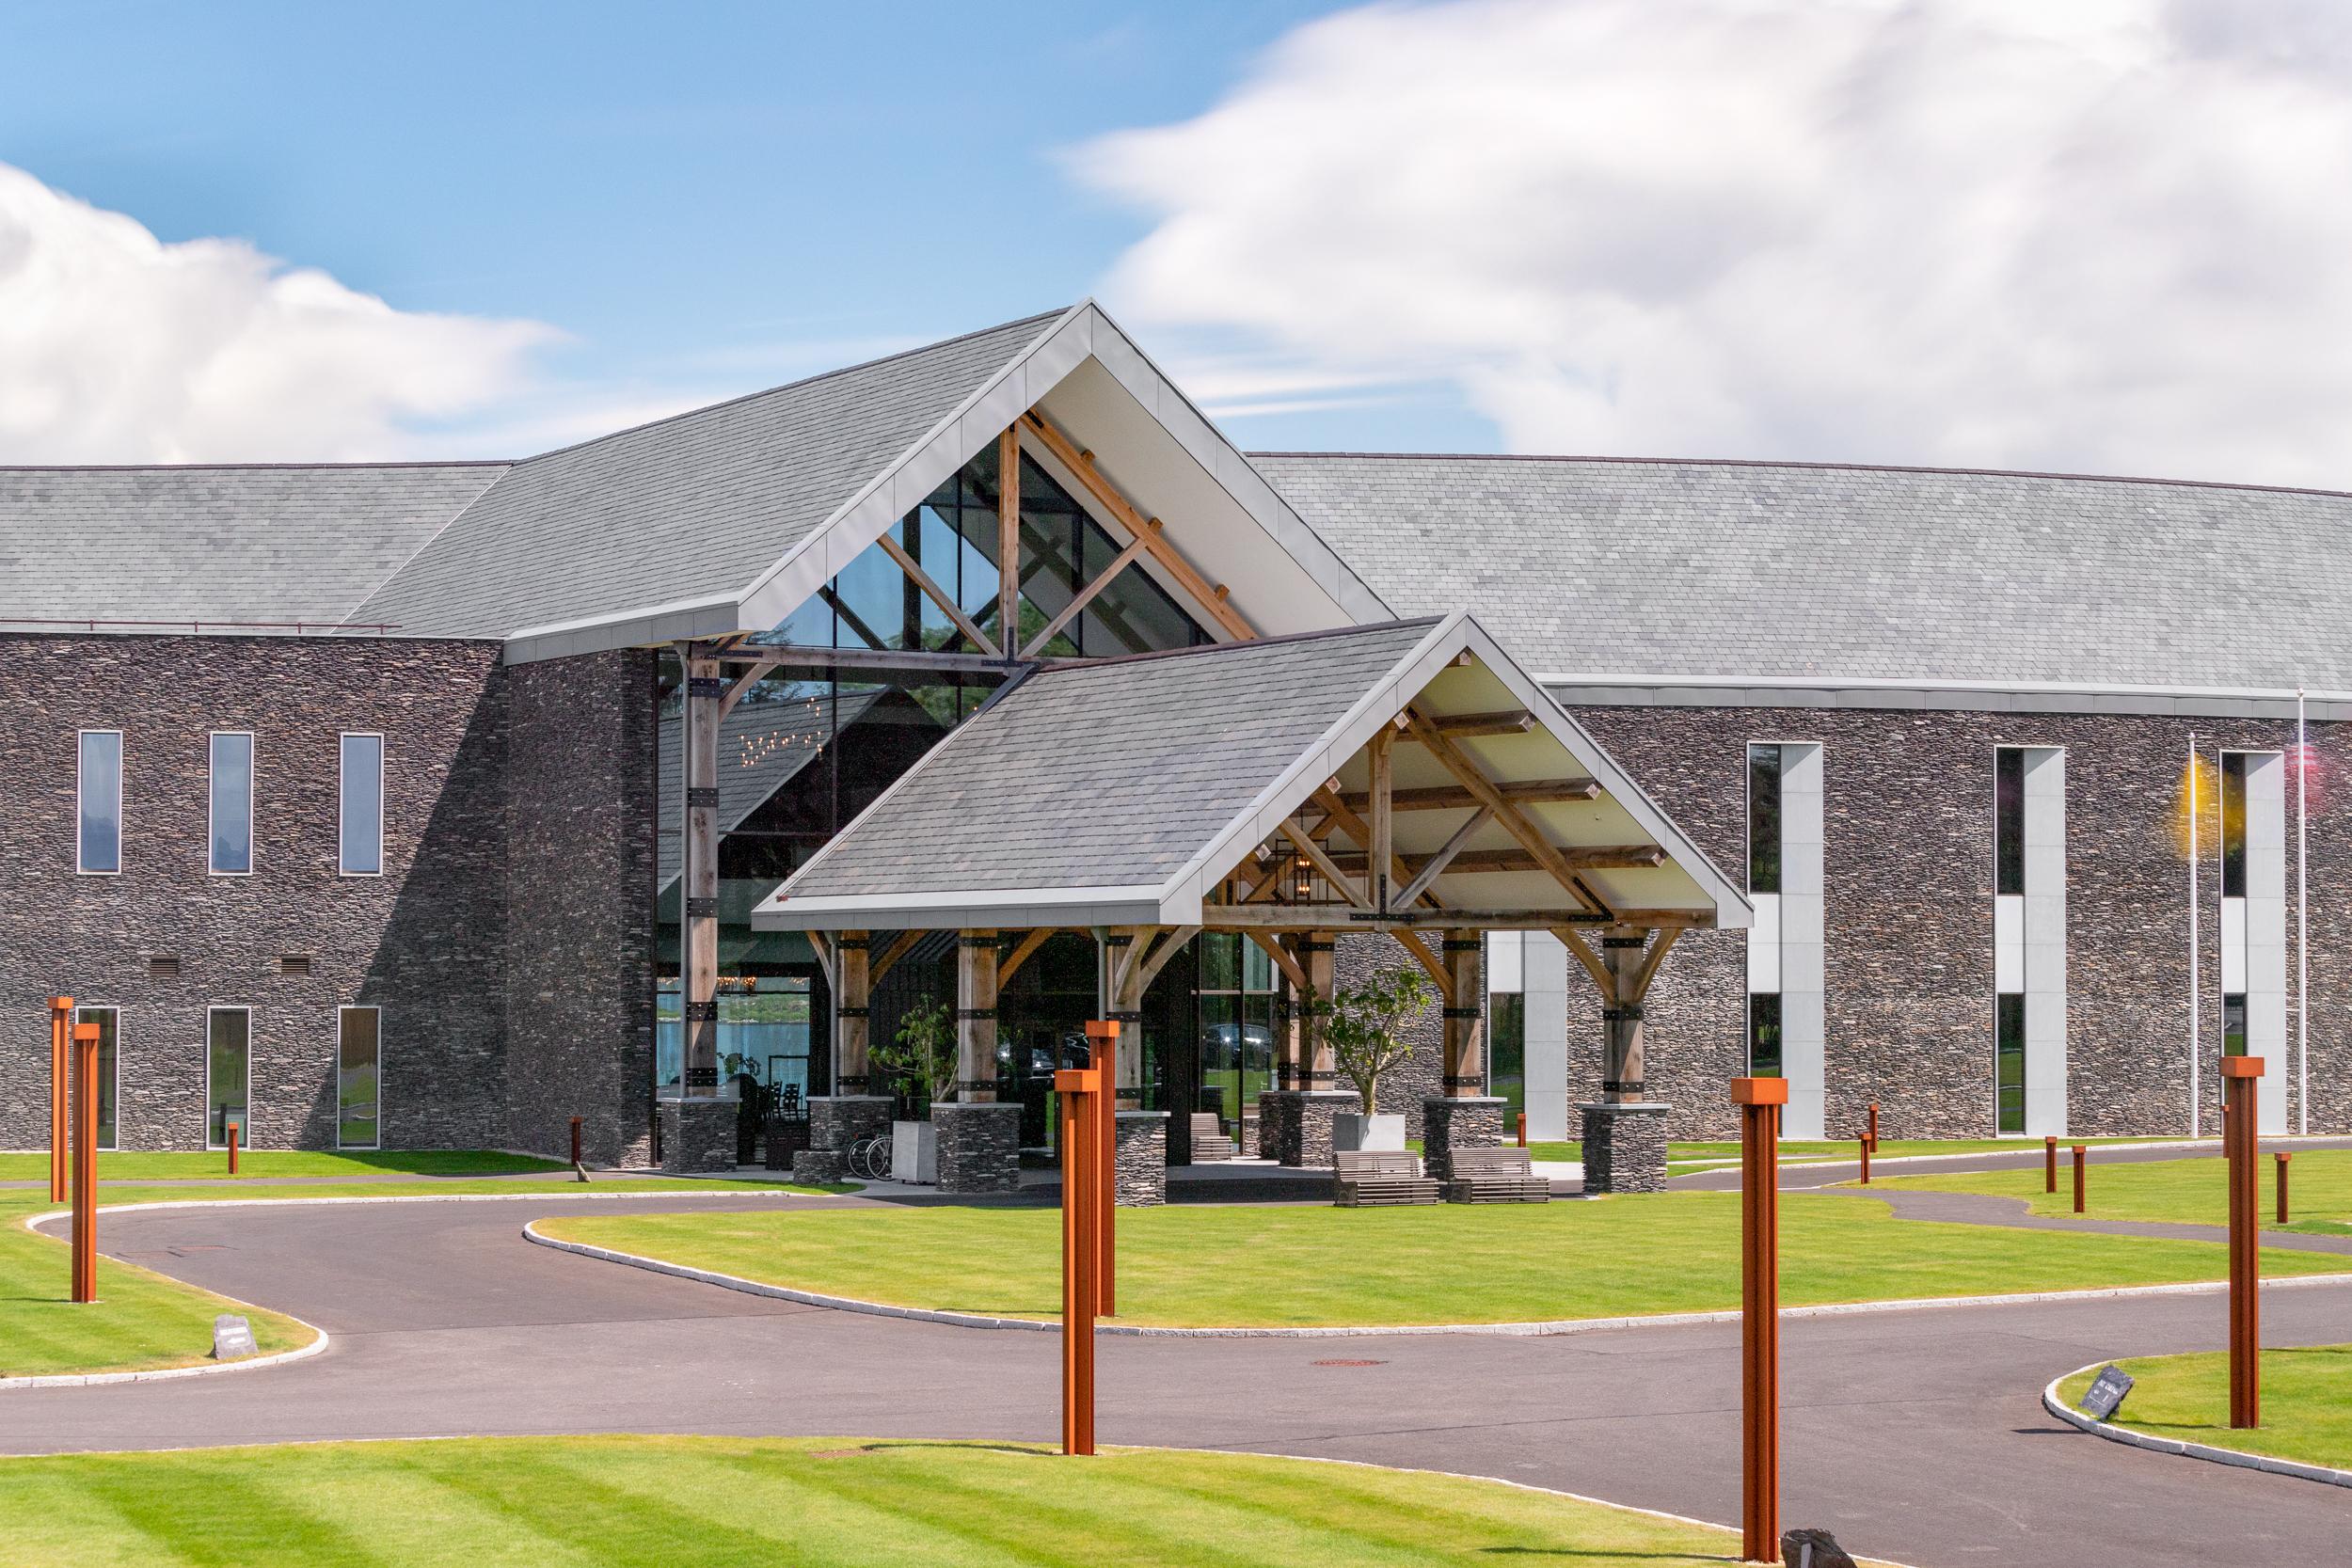 Glenfort Timber Engineering - Hotel Entrance